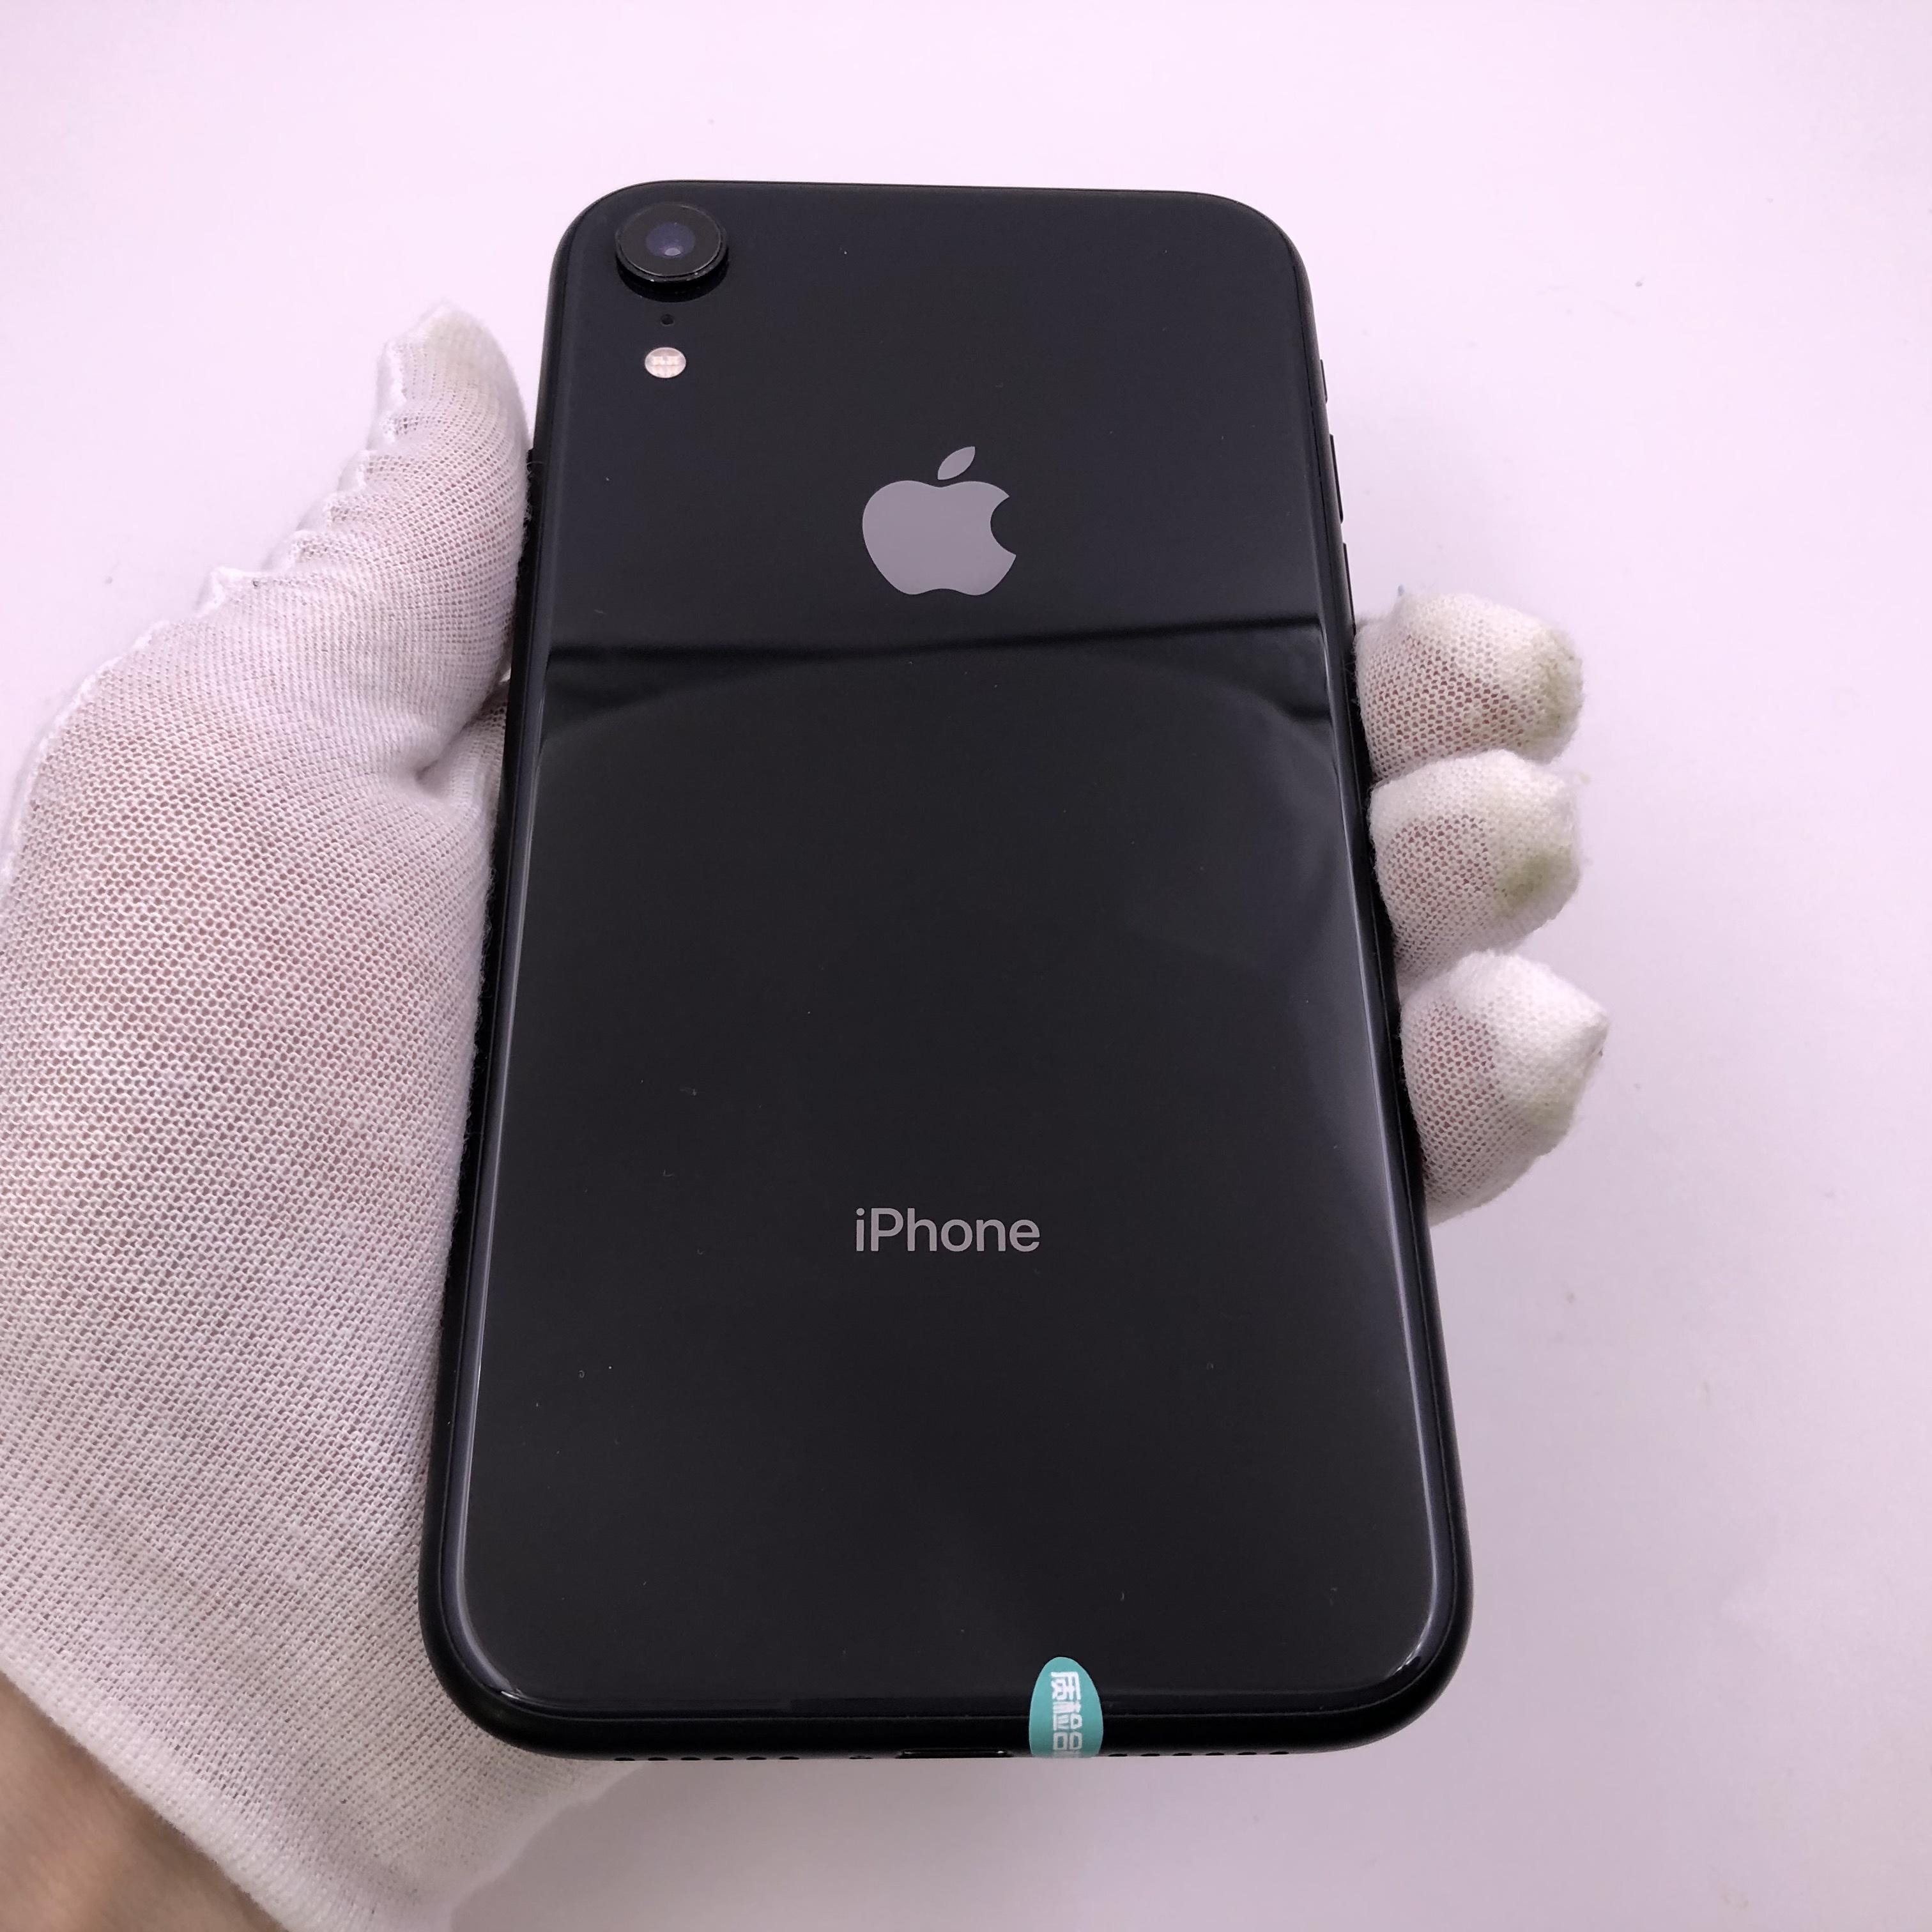 苹果【iPhone XR】4G全网通 黑色 128G 国际版 95新